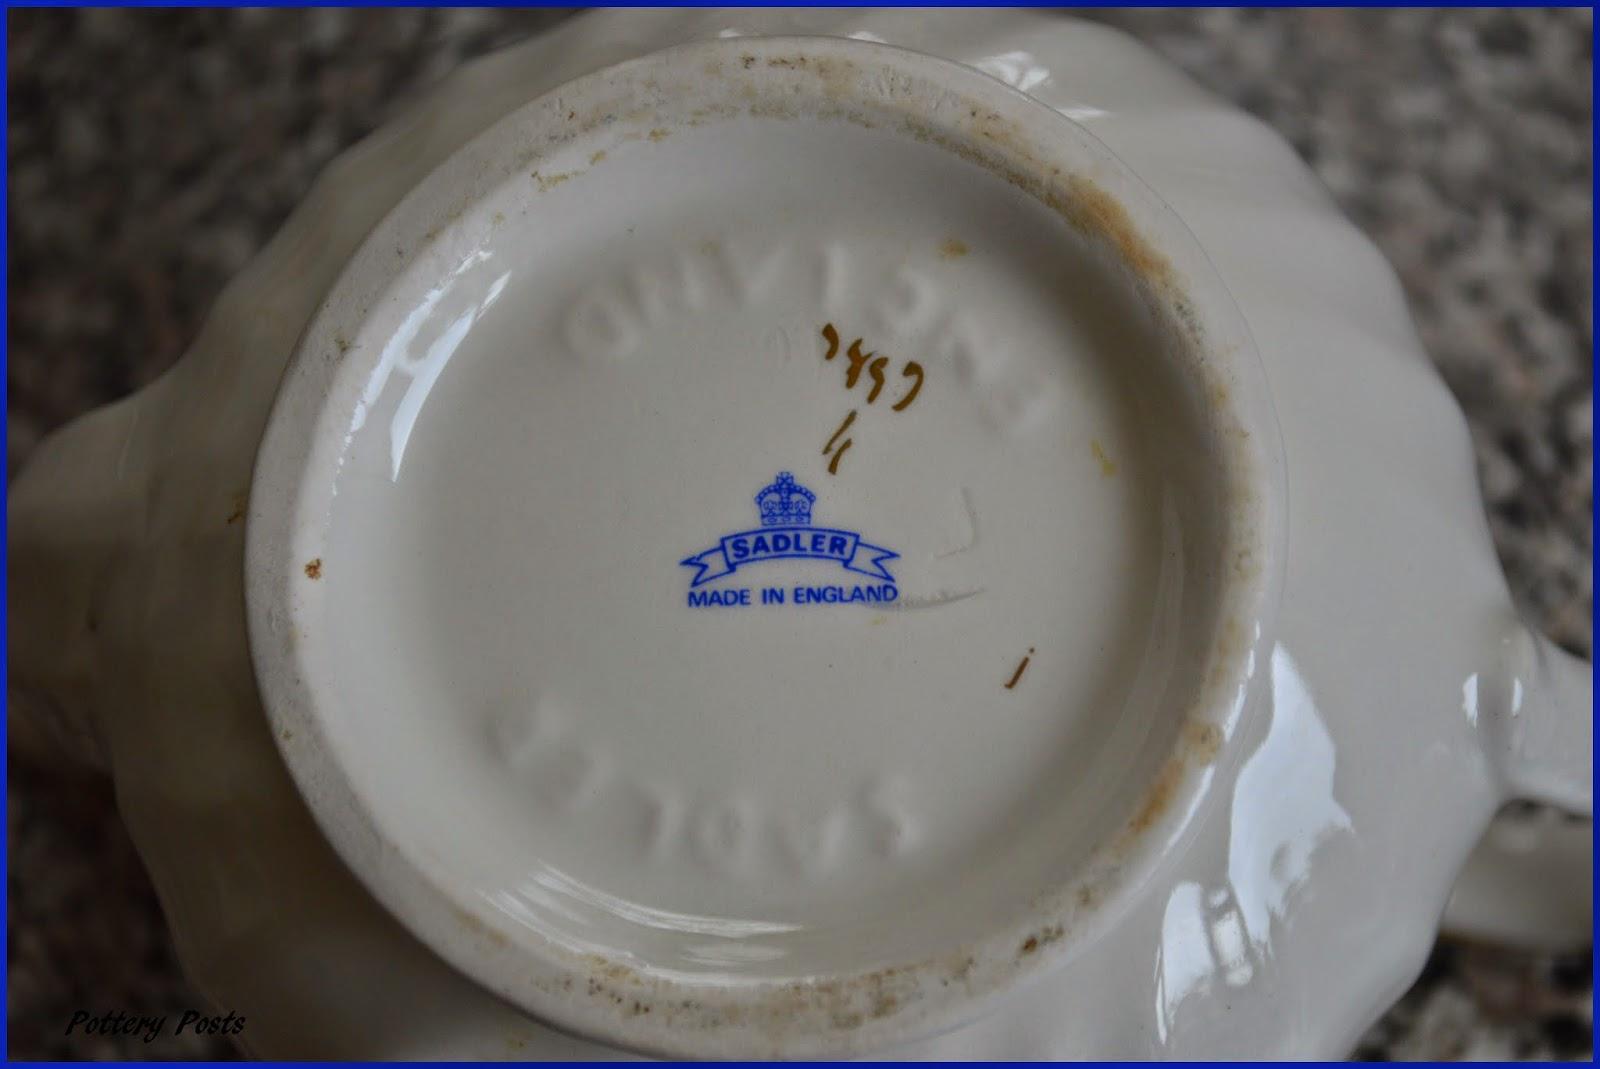 Pottery Posts Sadler